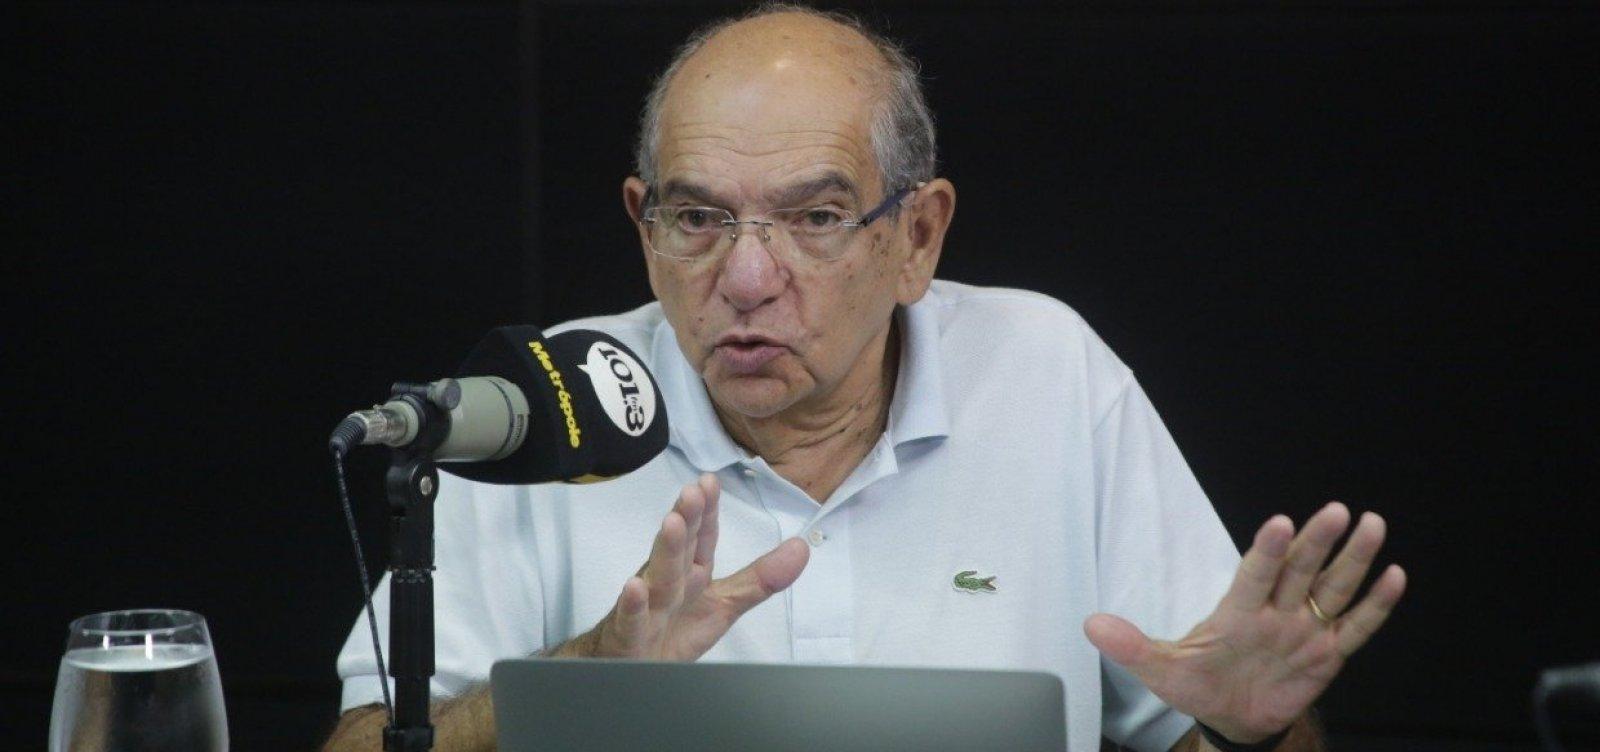 [Bolsonaro está 'empurrando' limites da democracia e deve ser responsabilizado, diz MK; ouça]